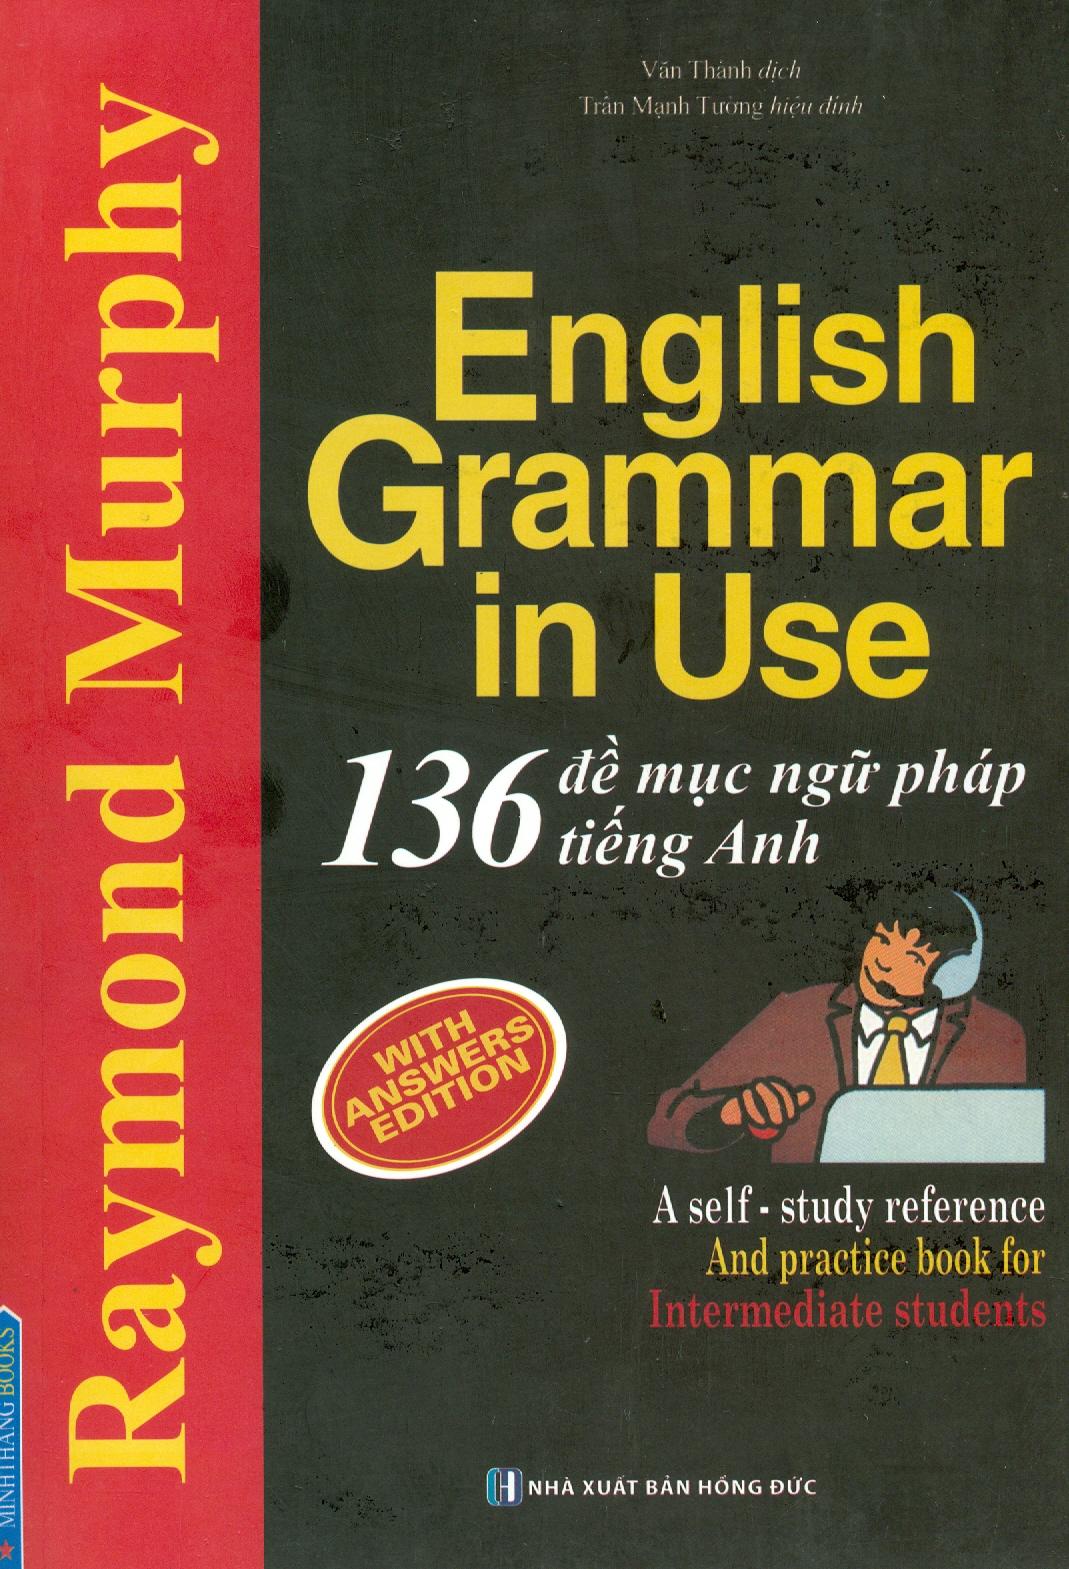 English Grammar In Use - 136 Đề Mục Ngữ Pháp Tiếng Anh